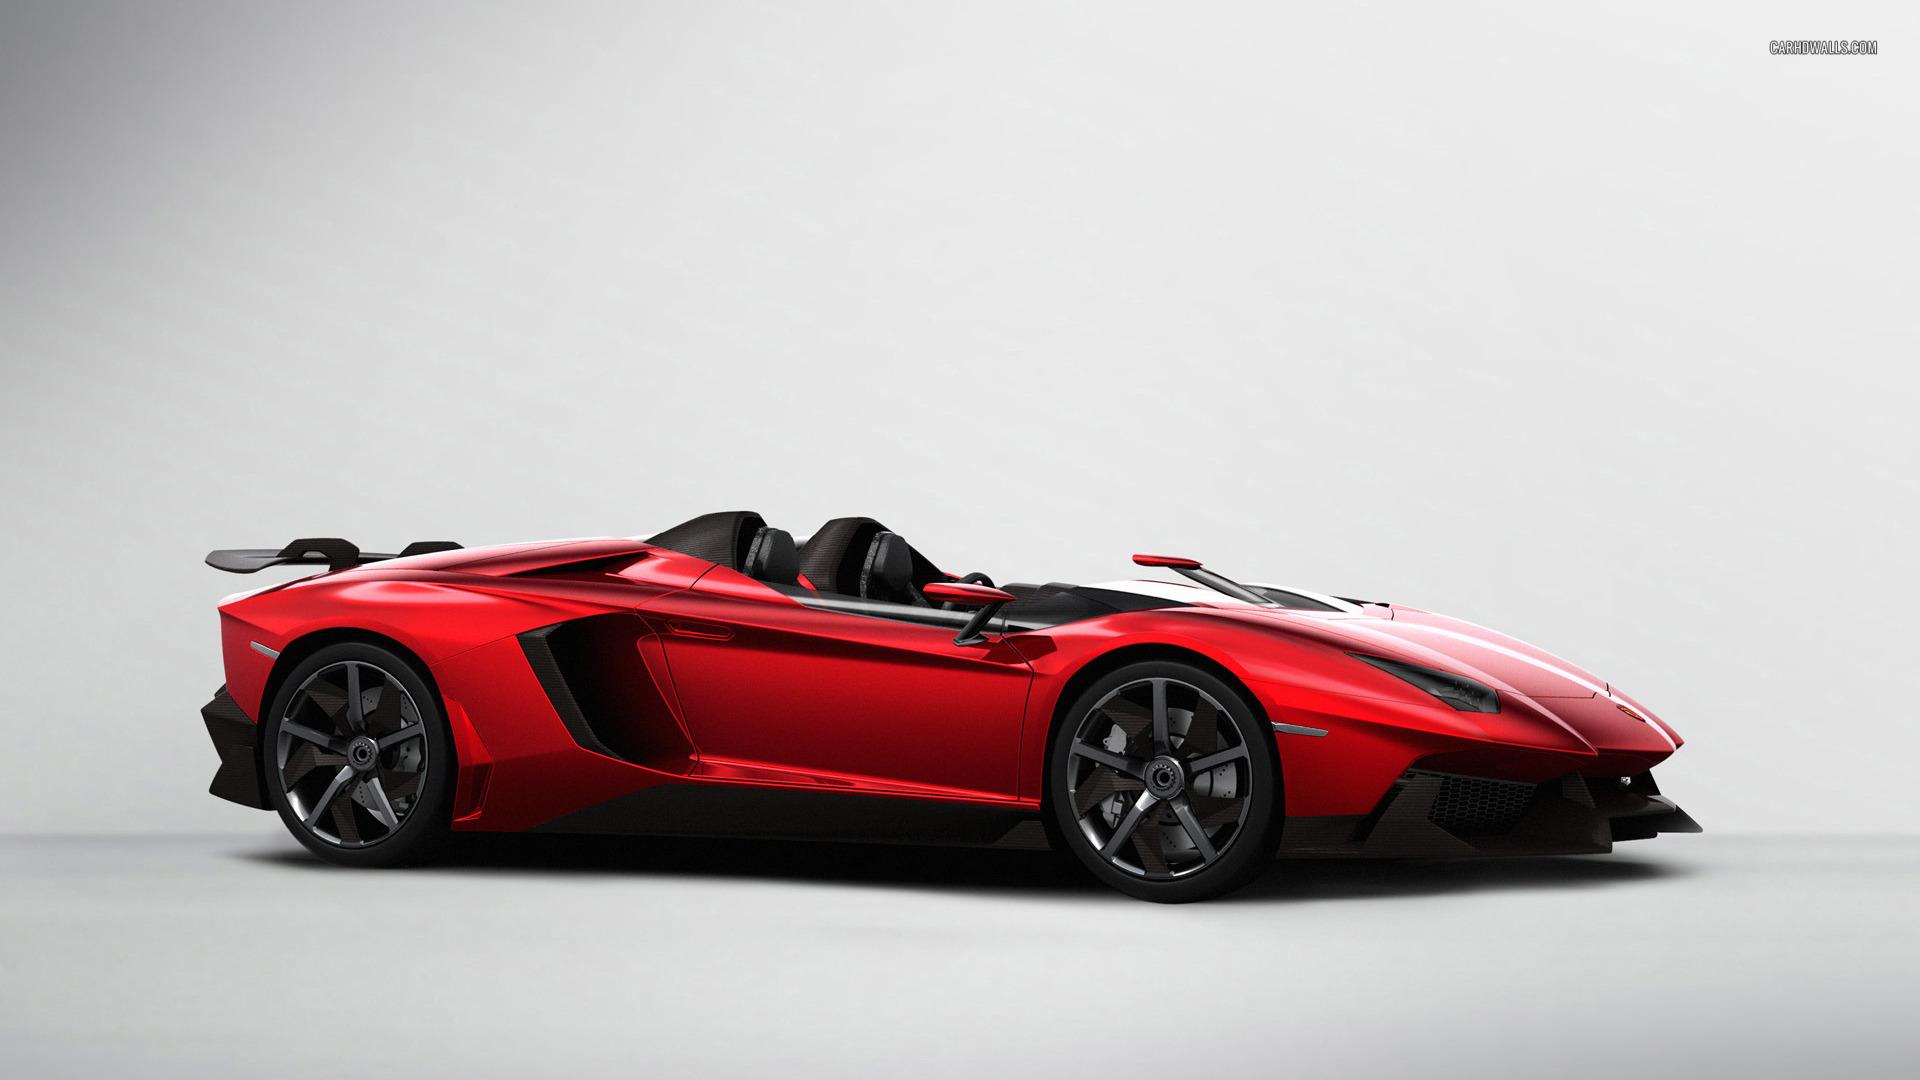 Lamborghini Aventador J Wallpaper - WallpaperSafari